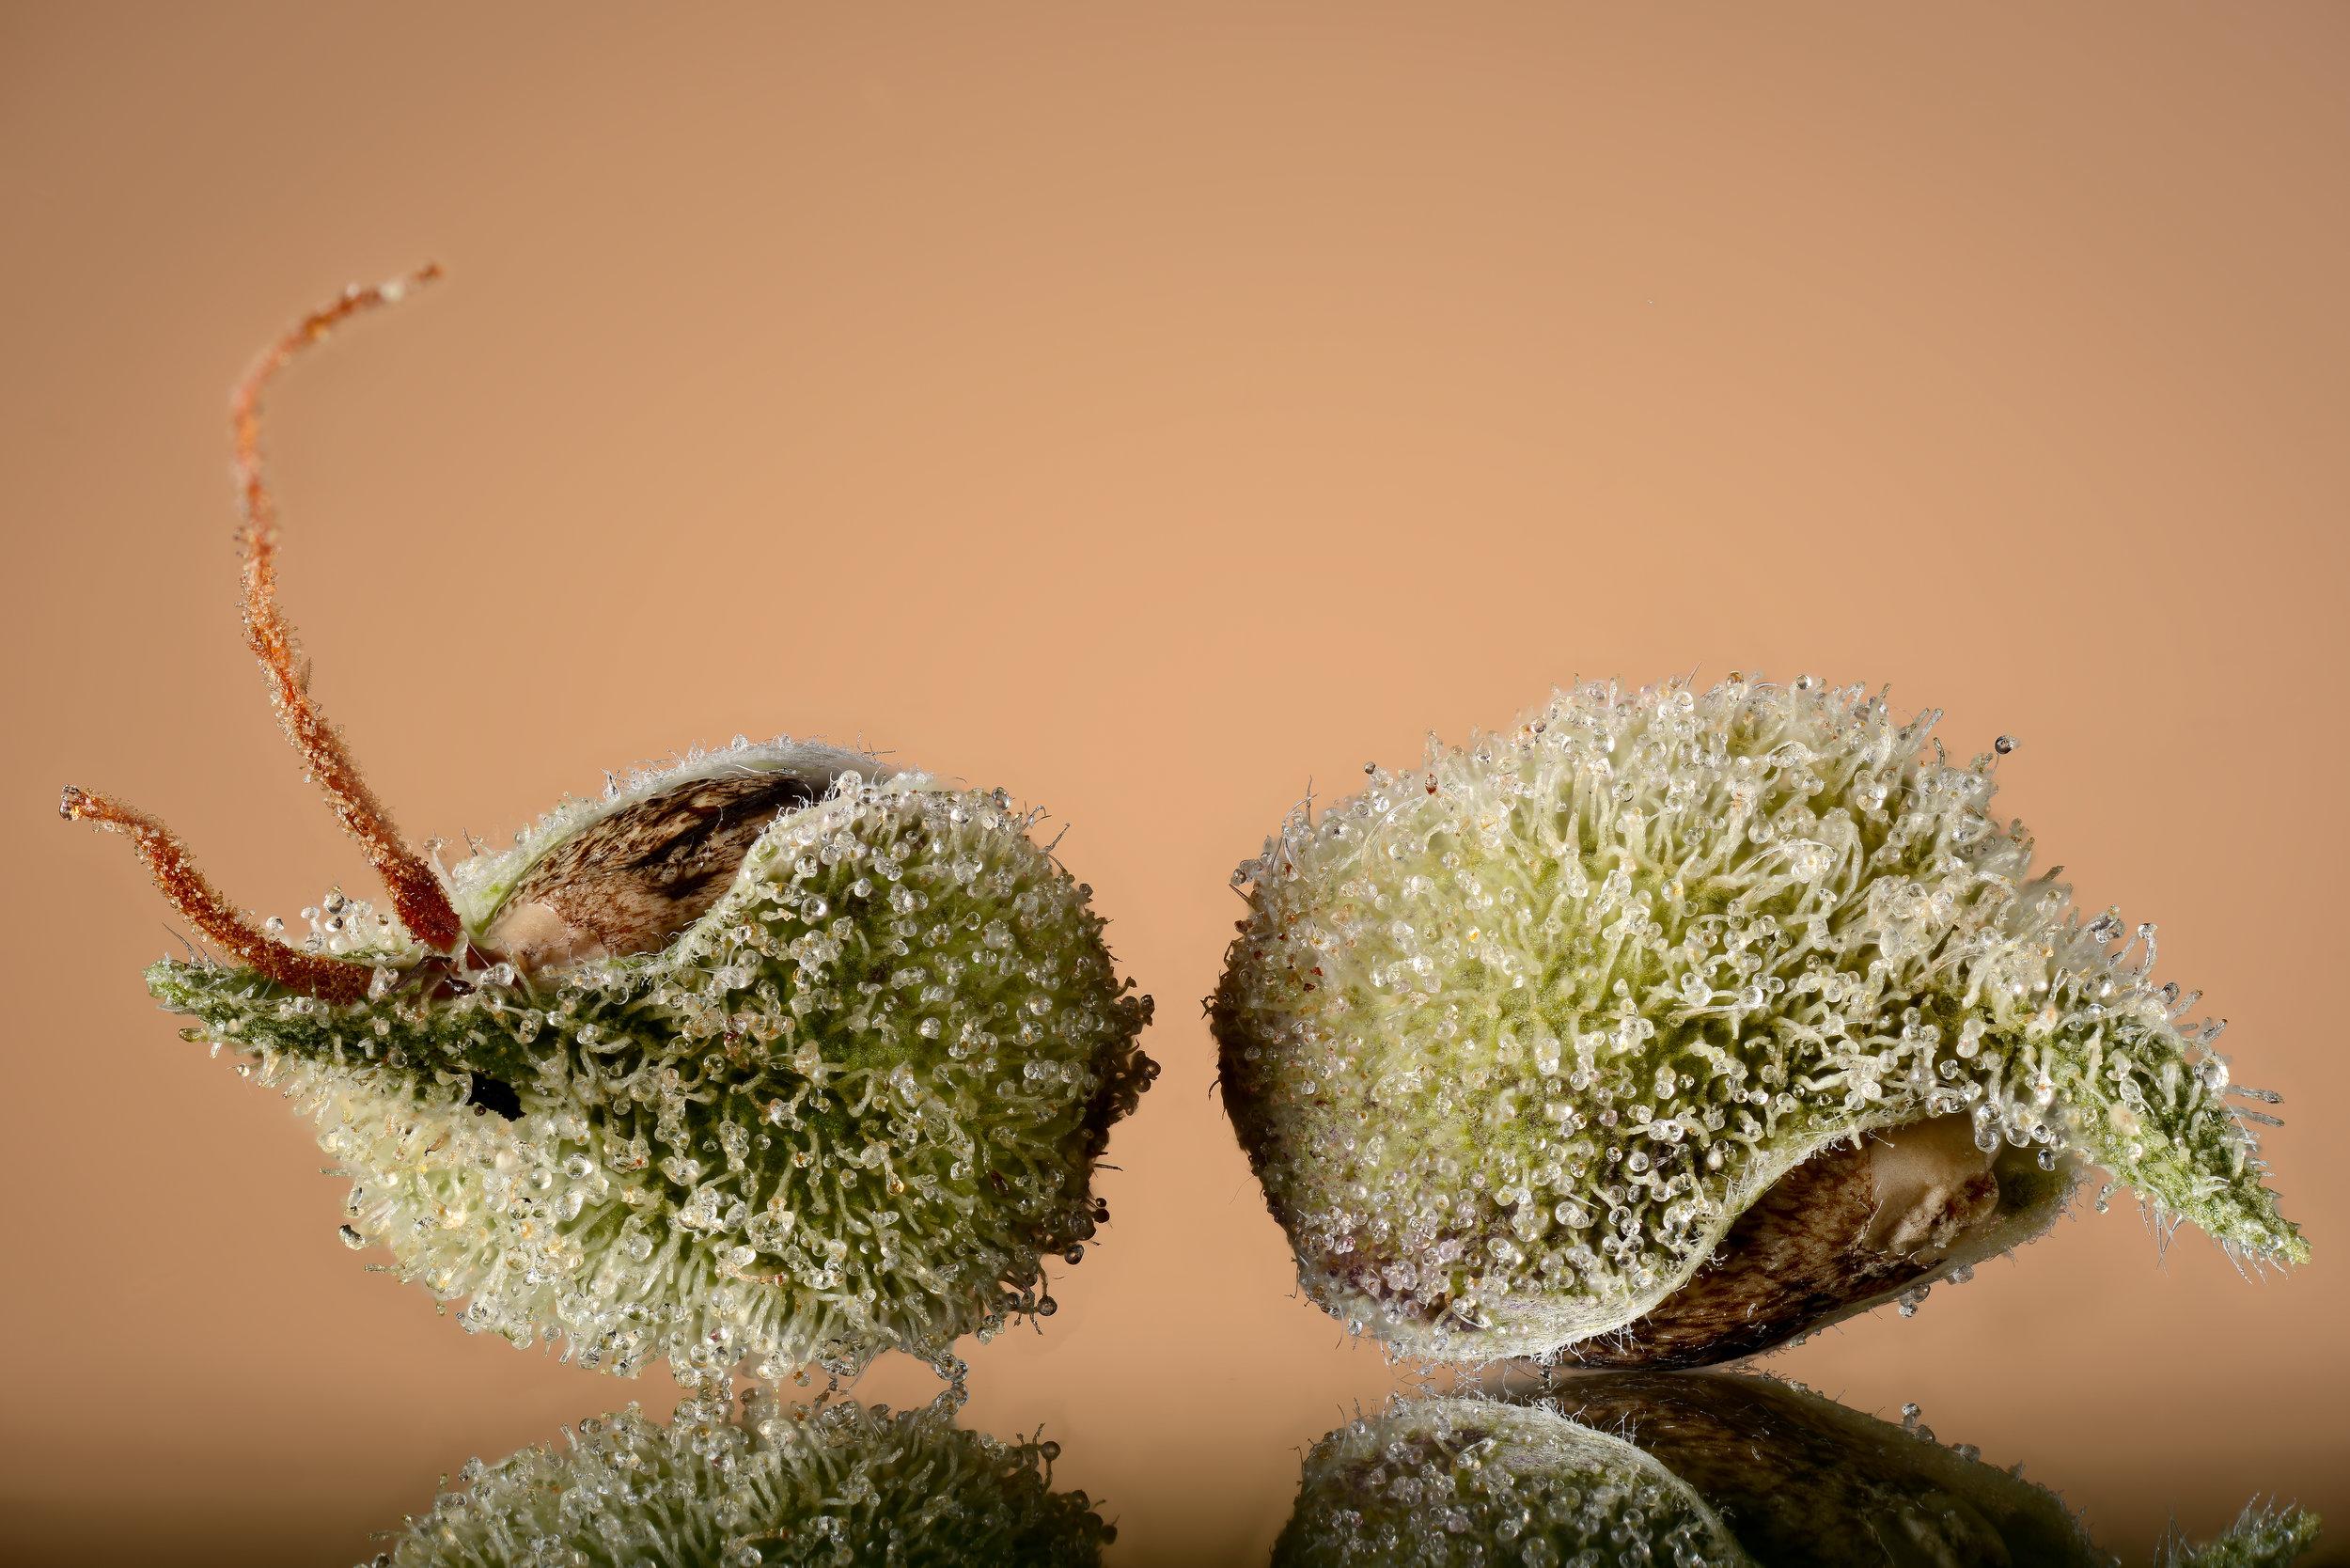 Selene seeds still in the pistil